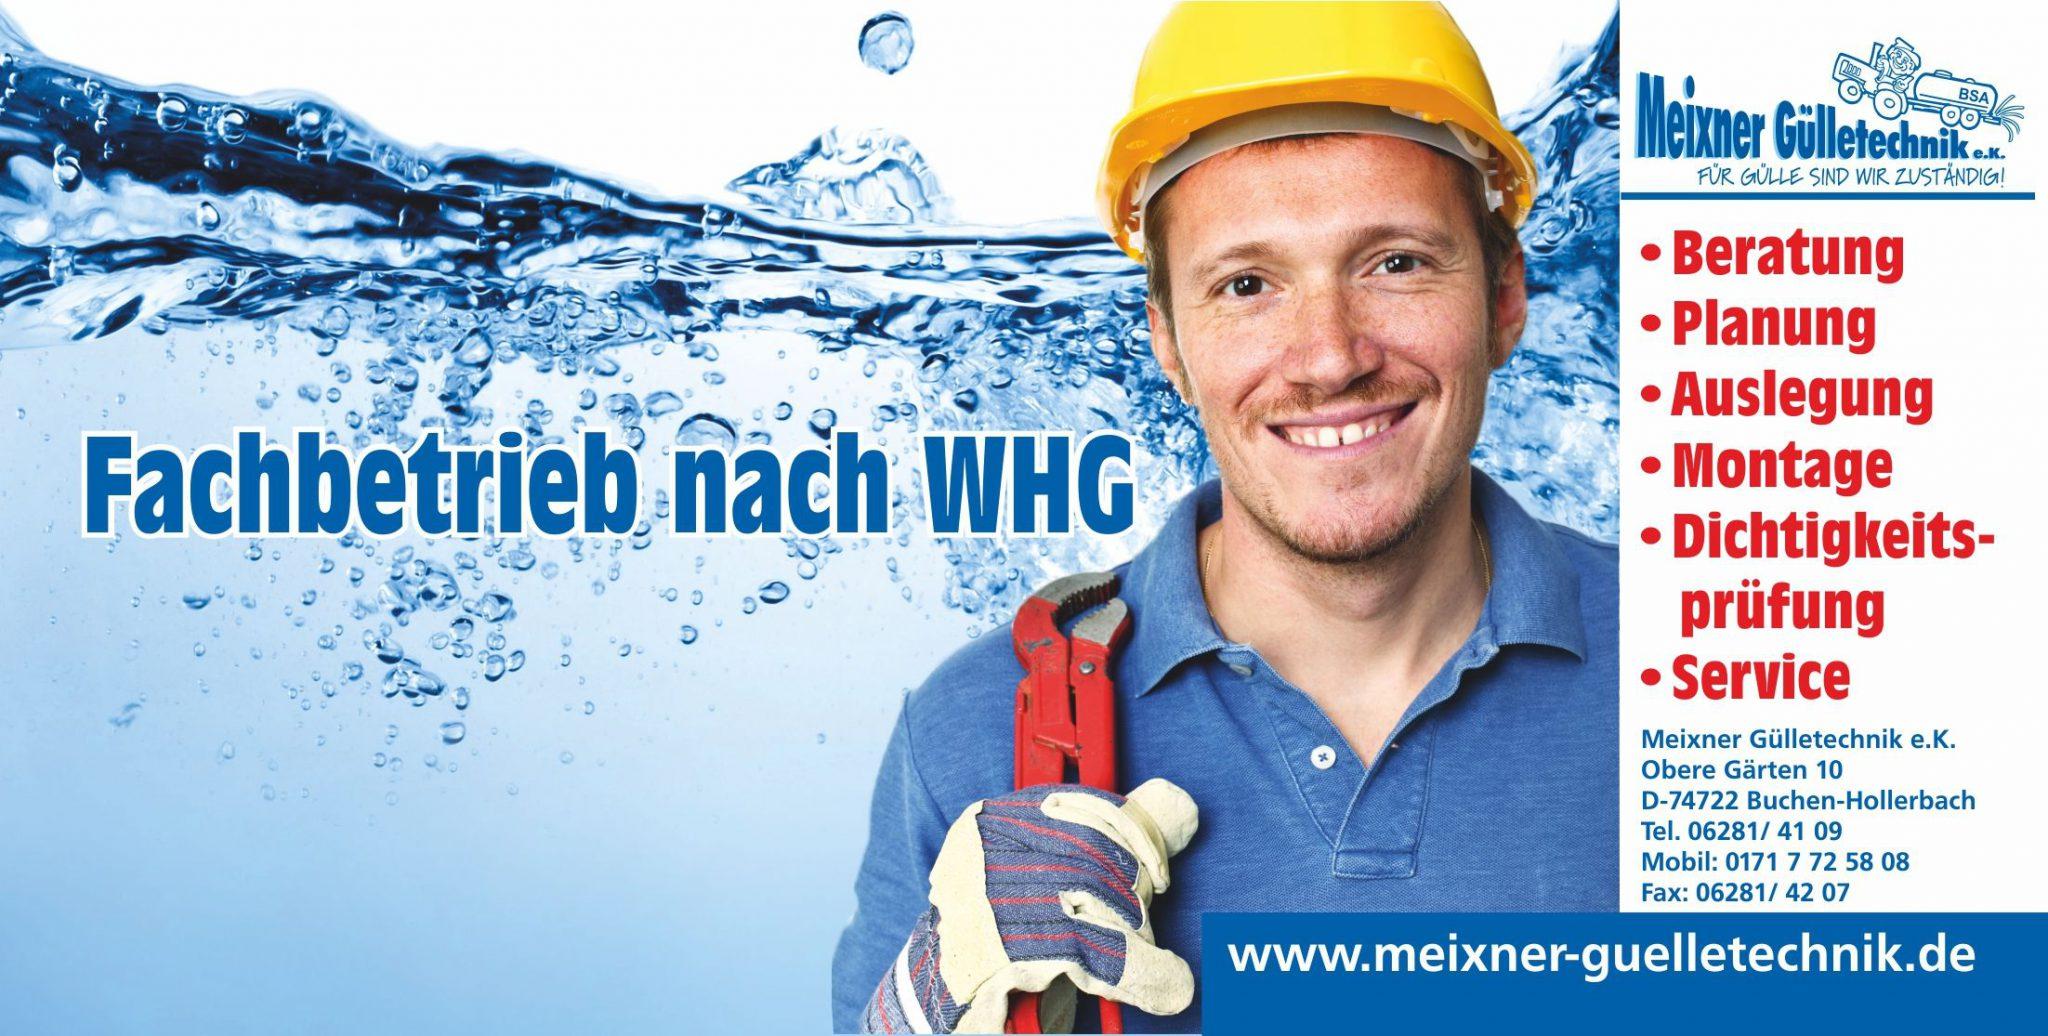 Fachbetrieb nach WHG Meixner Gülletechnik